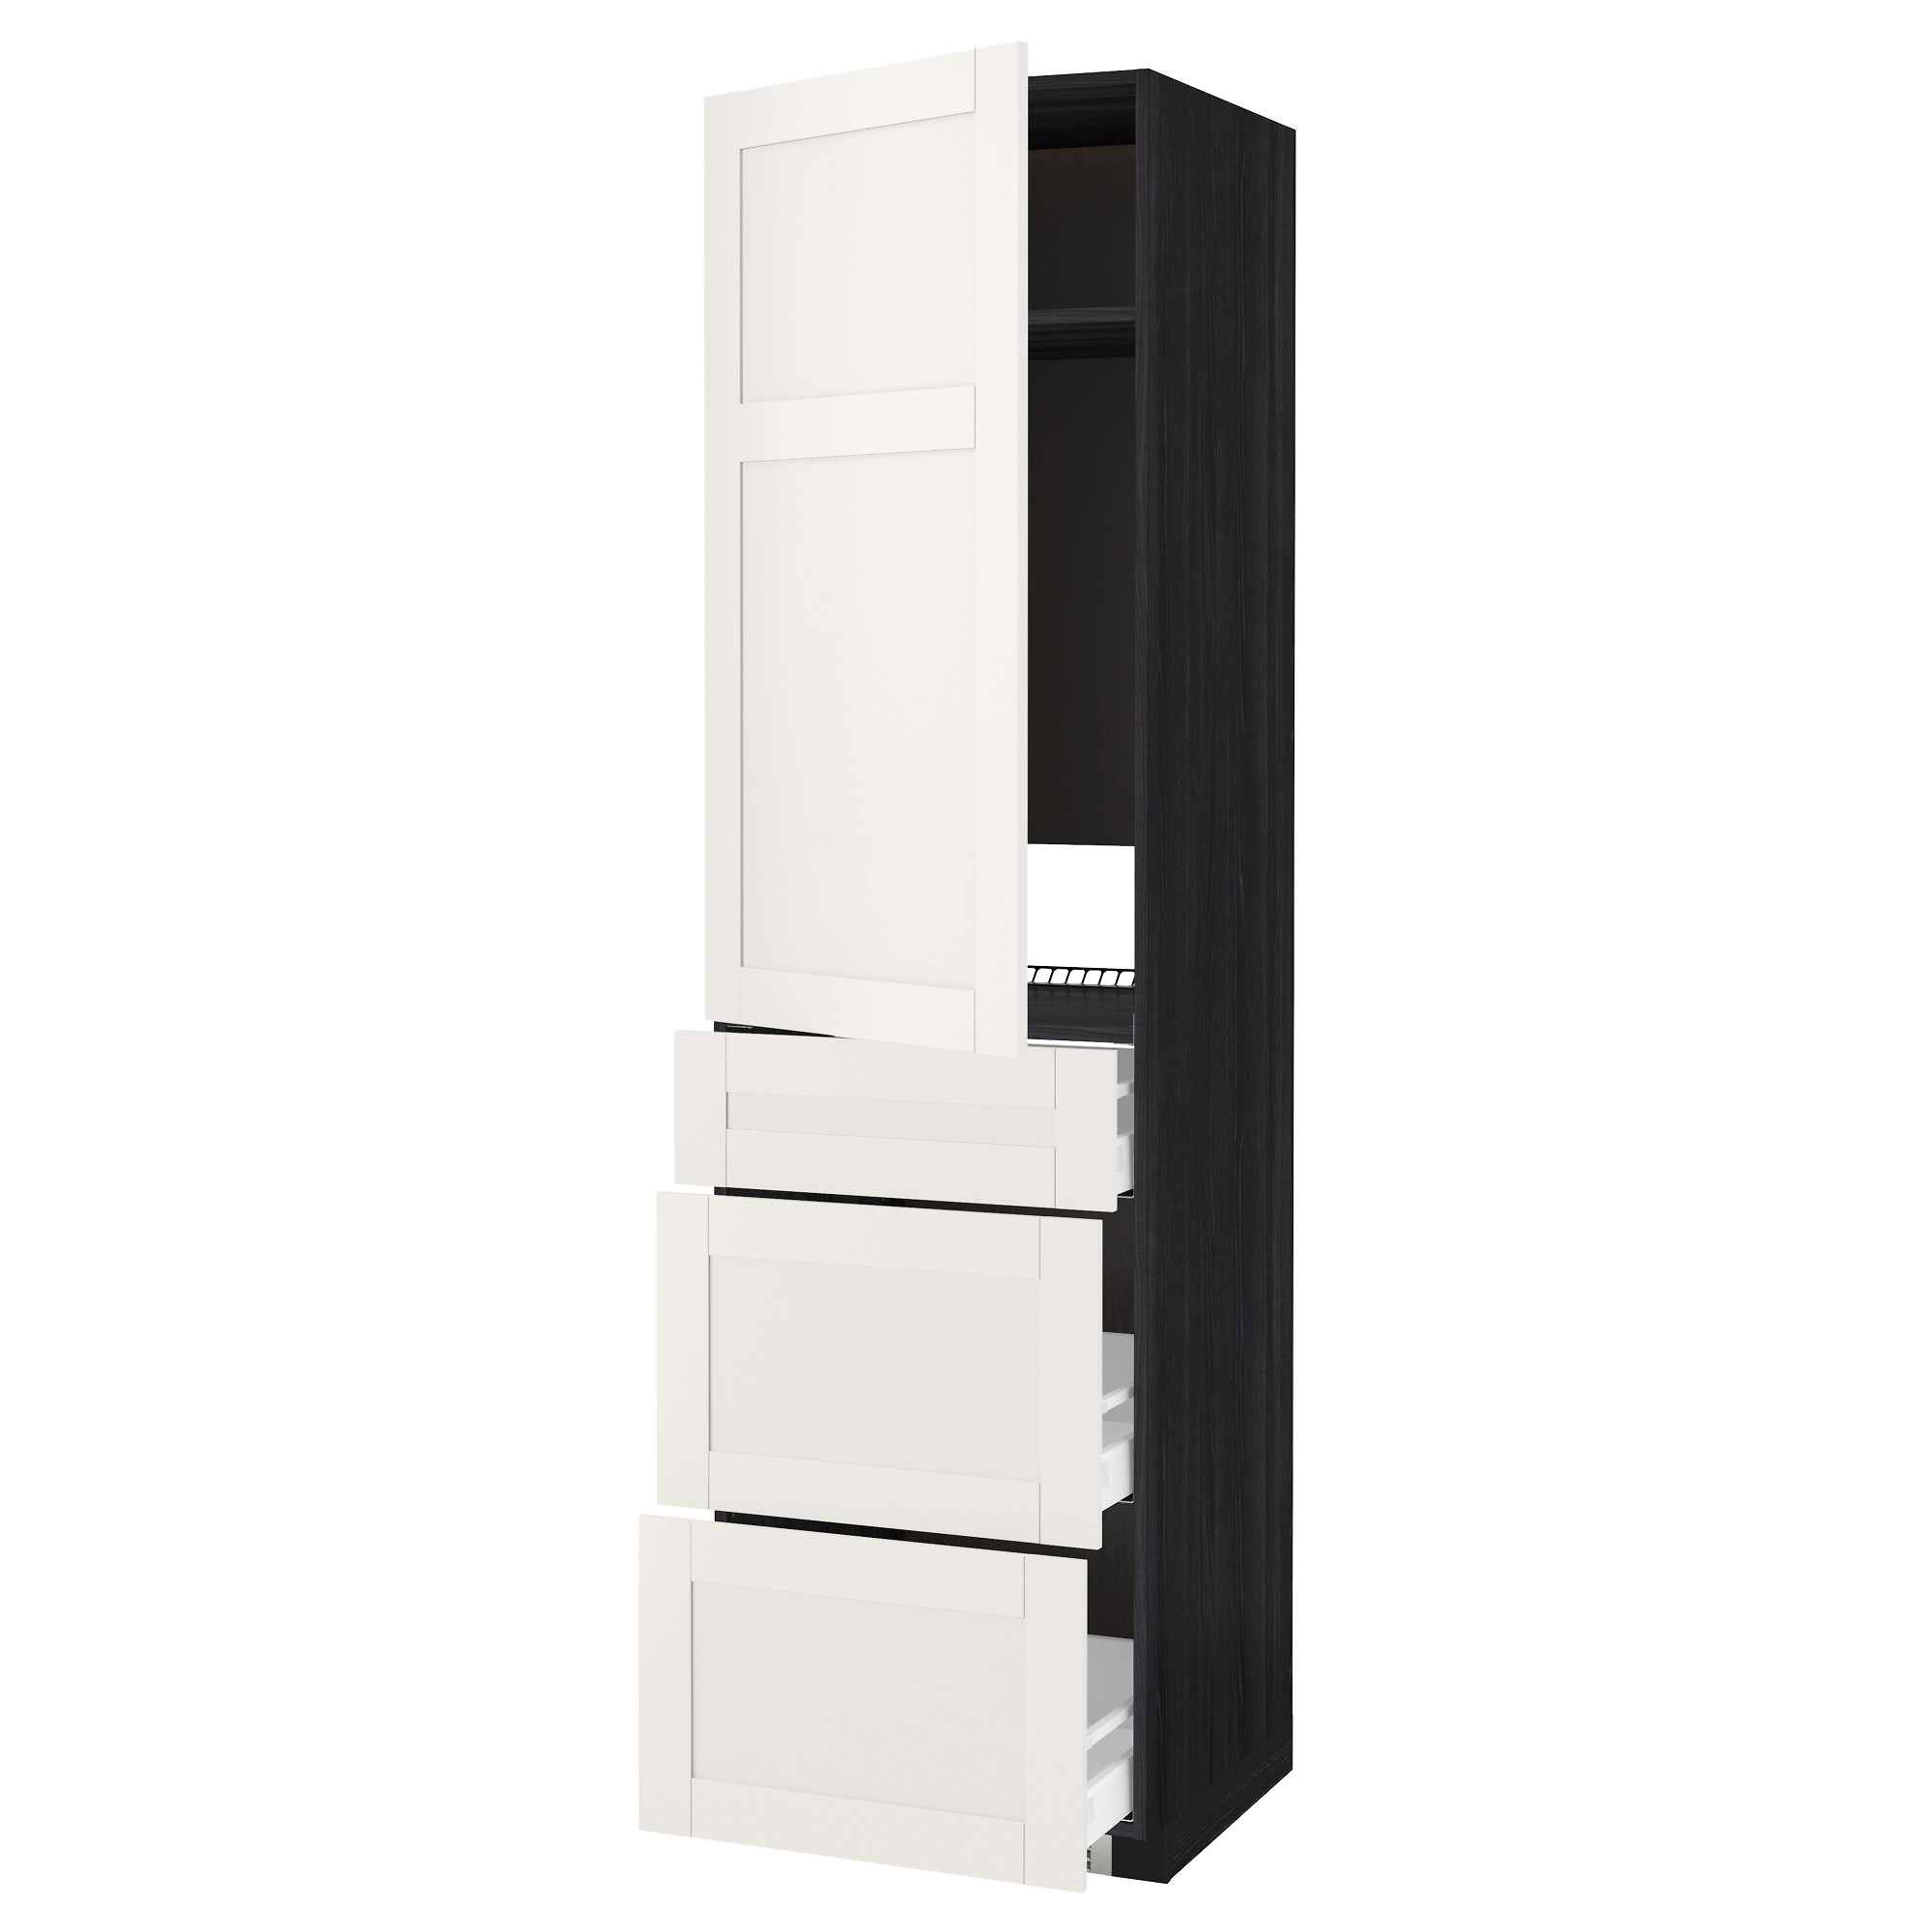 Высокий шкаф для холодильника, с дверцами, 3 ящика МЕТОД / МАКСИМЕРА черный артикуль № 692.390.75 в наличии. Онлайн магазин IKEA Беларусь. Быстрая доставка и монтаж.